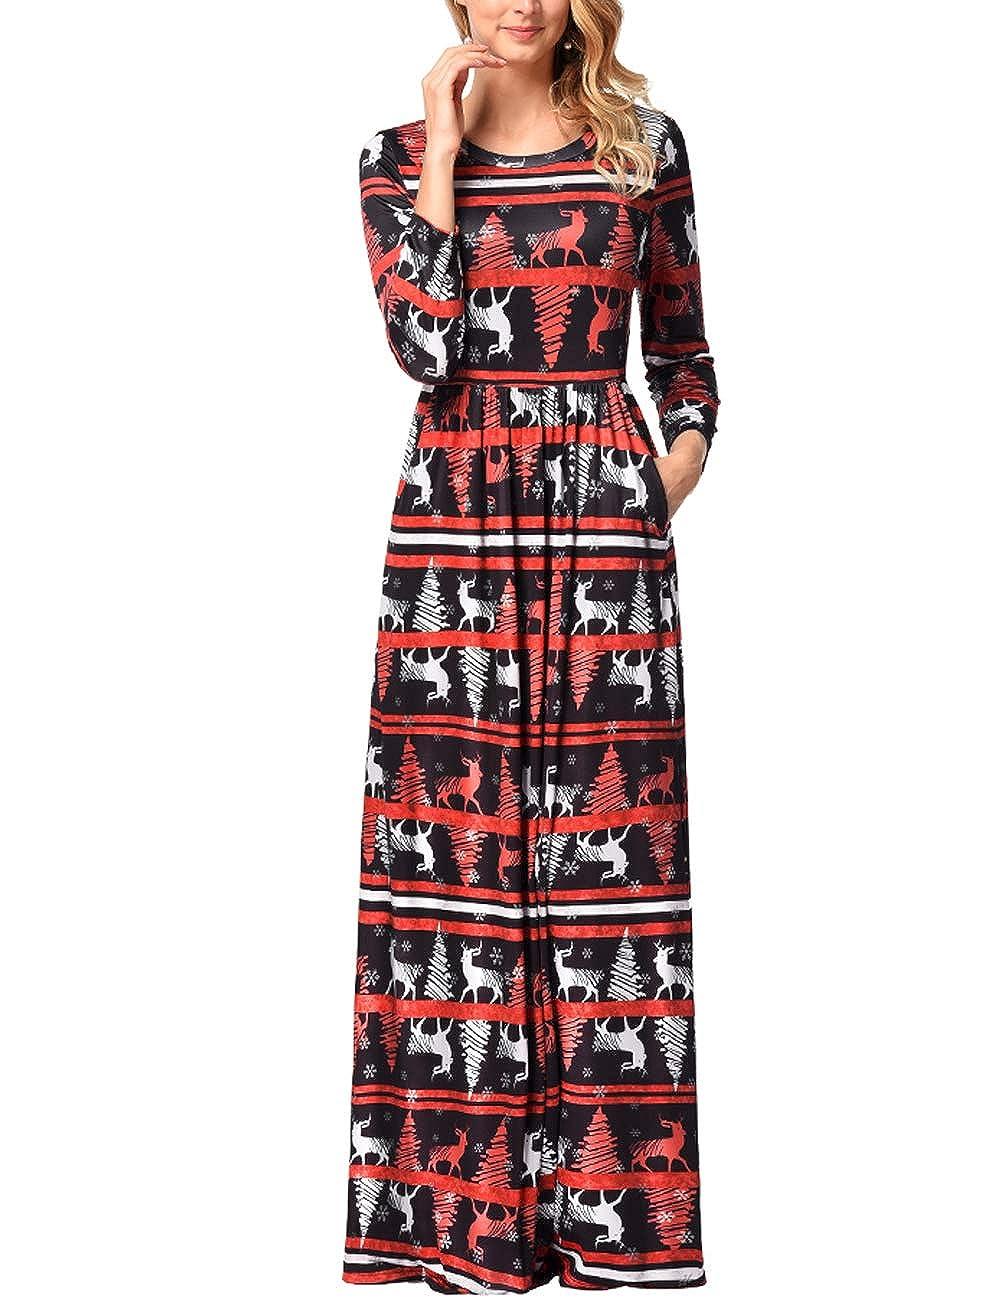 TALLA 3XL=ES 50-52. FeelinGirl Mujeres Vestido Largo Estampado Floral de Fiesta Navidad Falda Maxi de Manga Larga Nochebuena Multicolor-06 3XL=ES 50-52